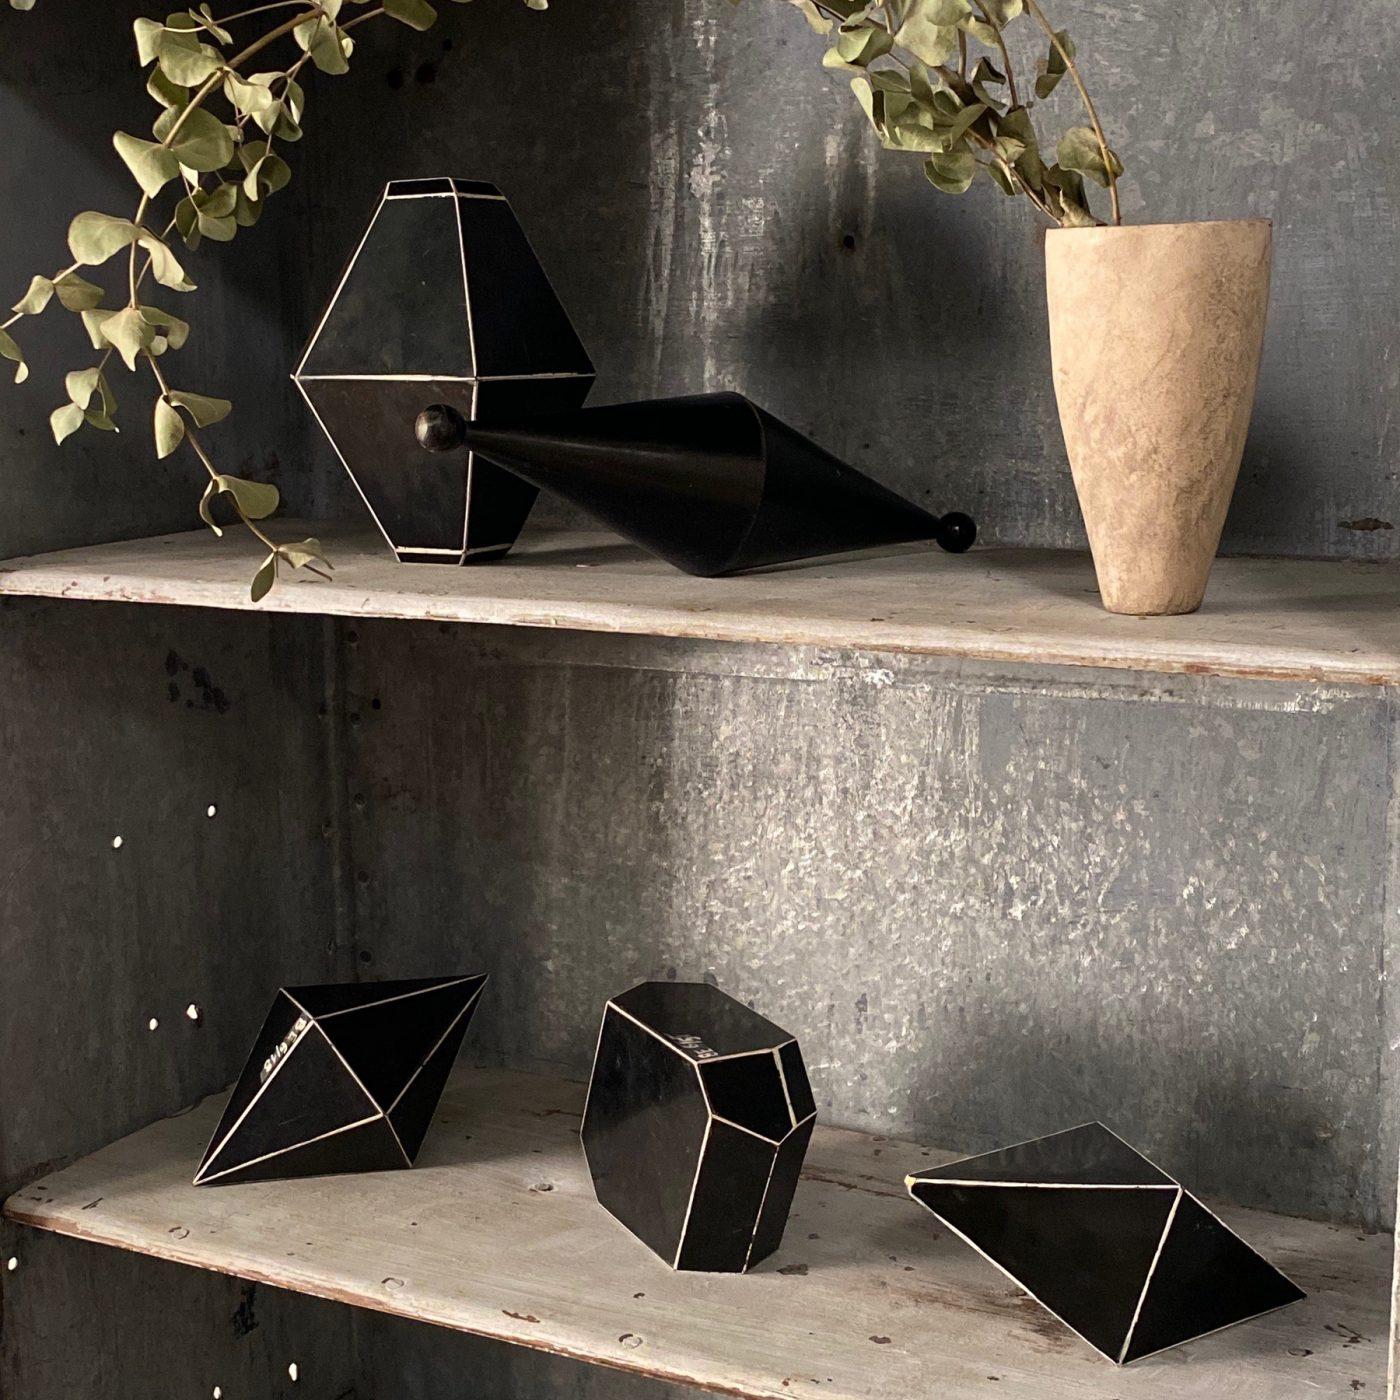 objet-vagabond-mineral-forms0006